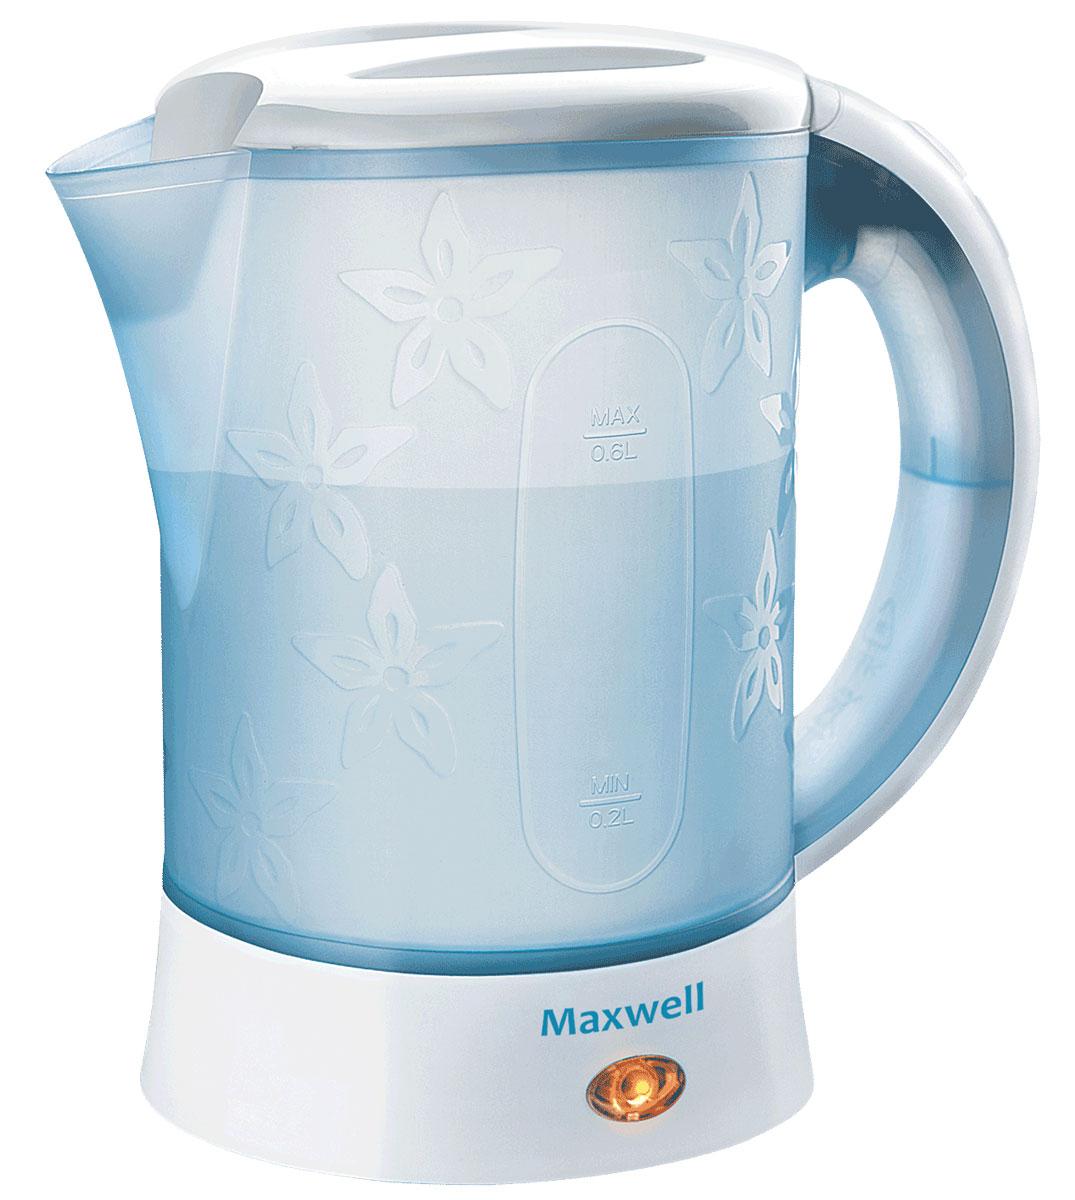 Maxwell MW-1072(B) чайникMW-1072(B)Электрический чайник Maxwell MW-1072(B) прост в управлении и долговечен в использовании. Изготовлен из высококачественных материалов. Прозрачное окошко позволяет определить уровень воды. Мощность 600 Вт вскипятит 0,6 литра воды в считанные минуты. Для обеспечения безопасности при повседневном использовании предусмотрены функция автовыключения, а также защита от включения при отсутствии воды.